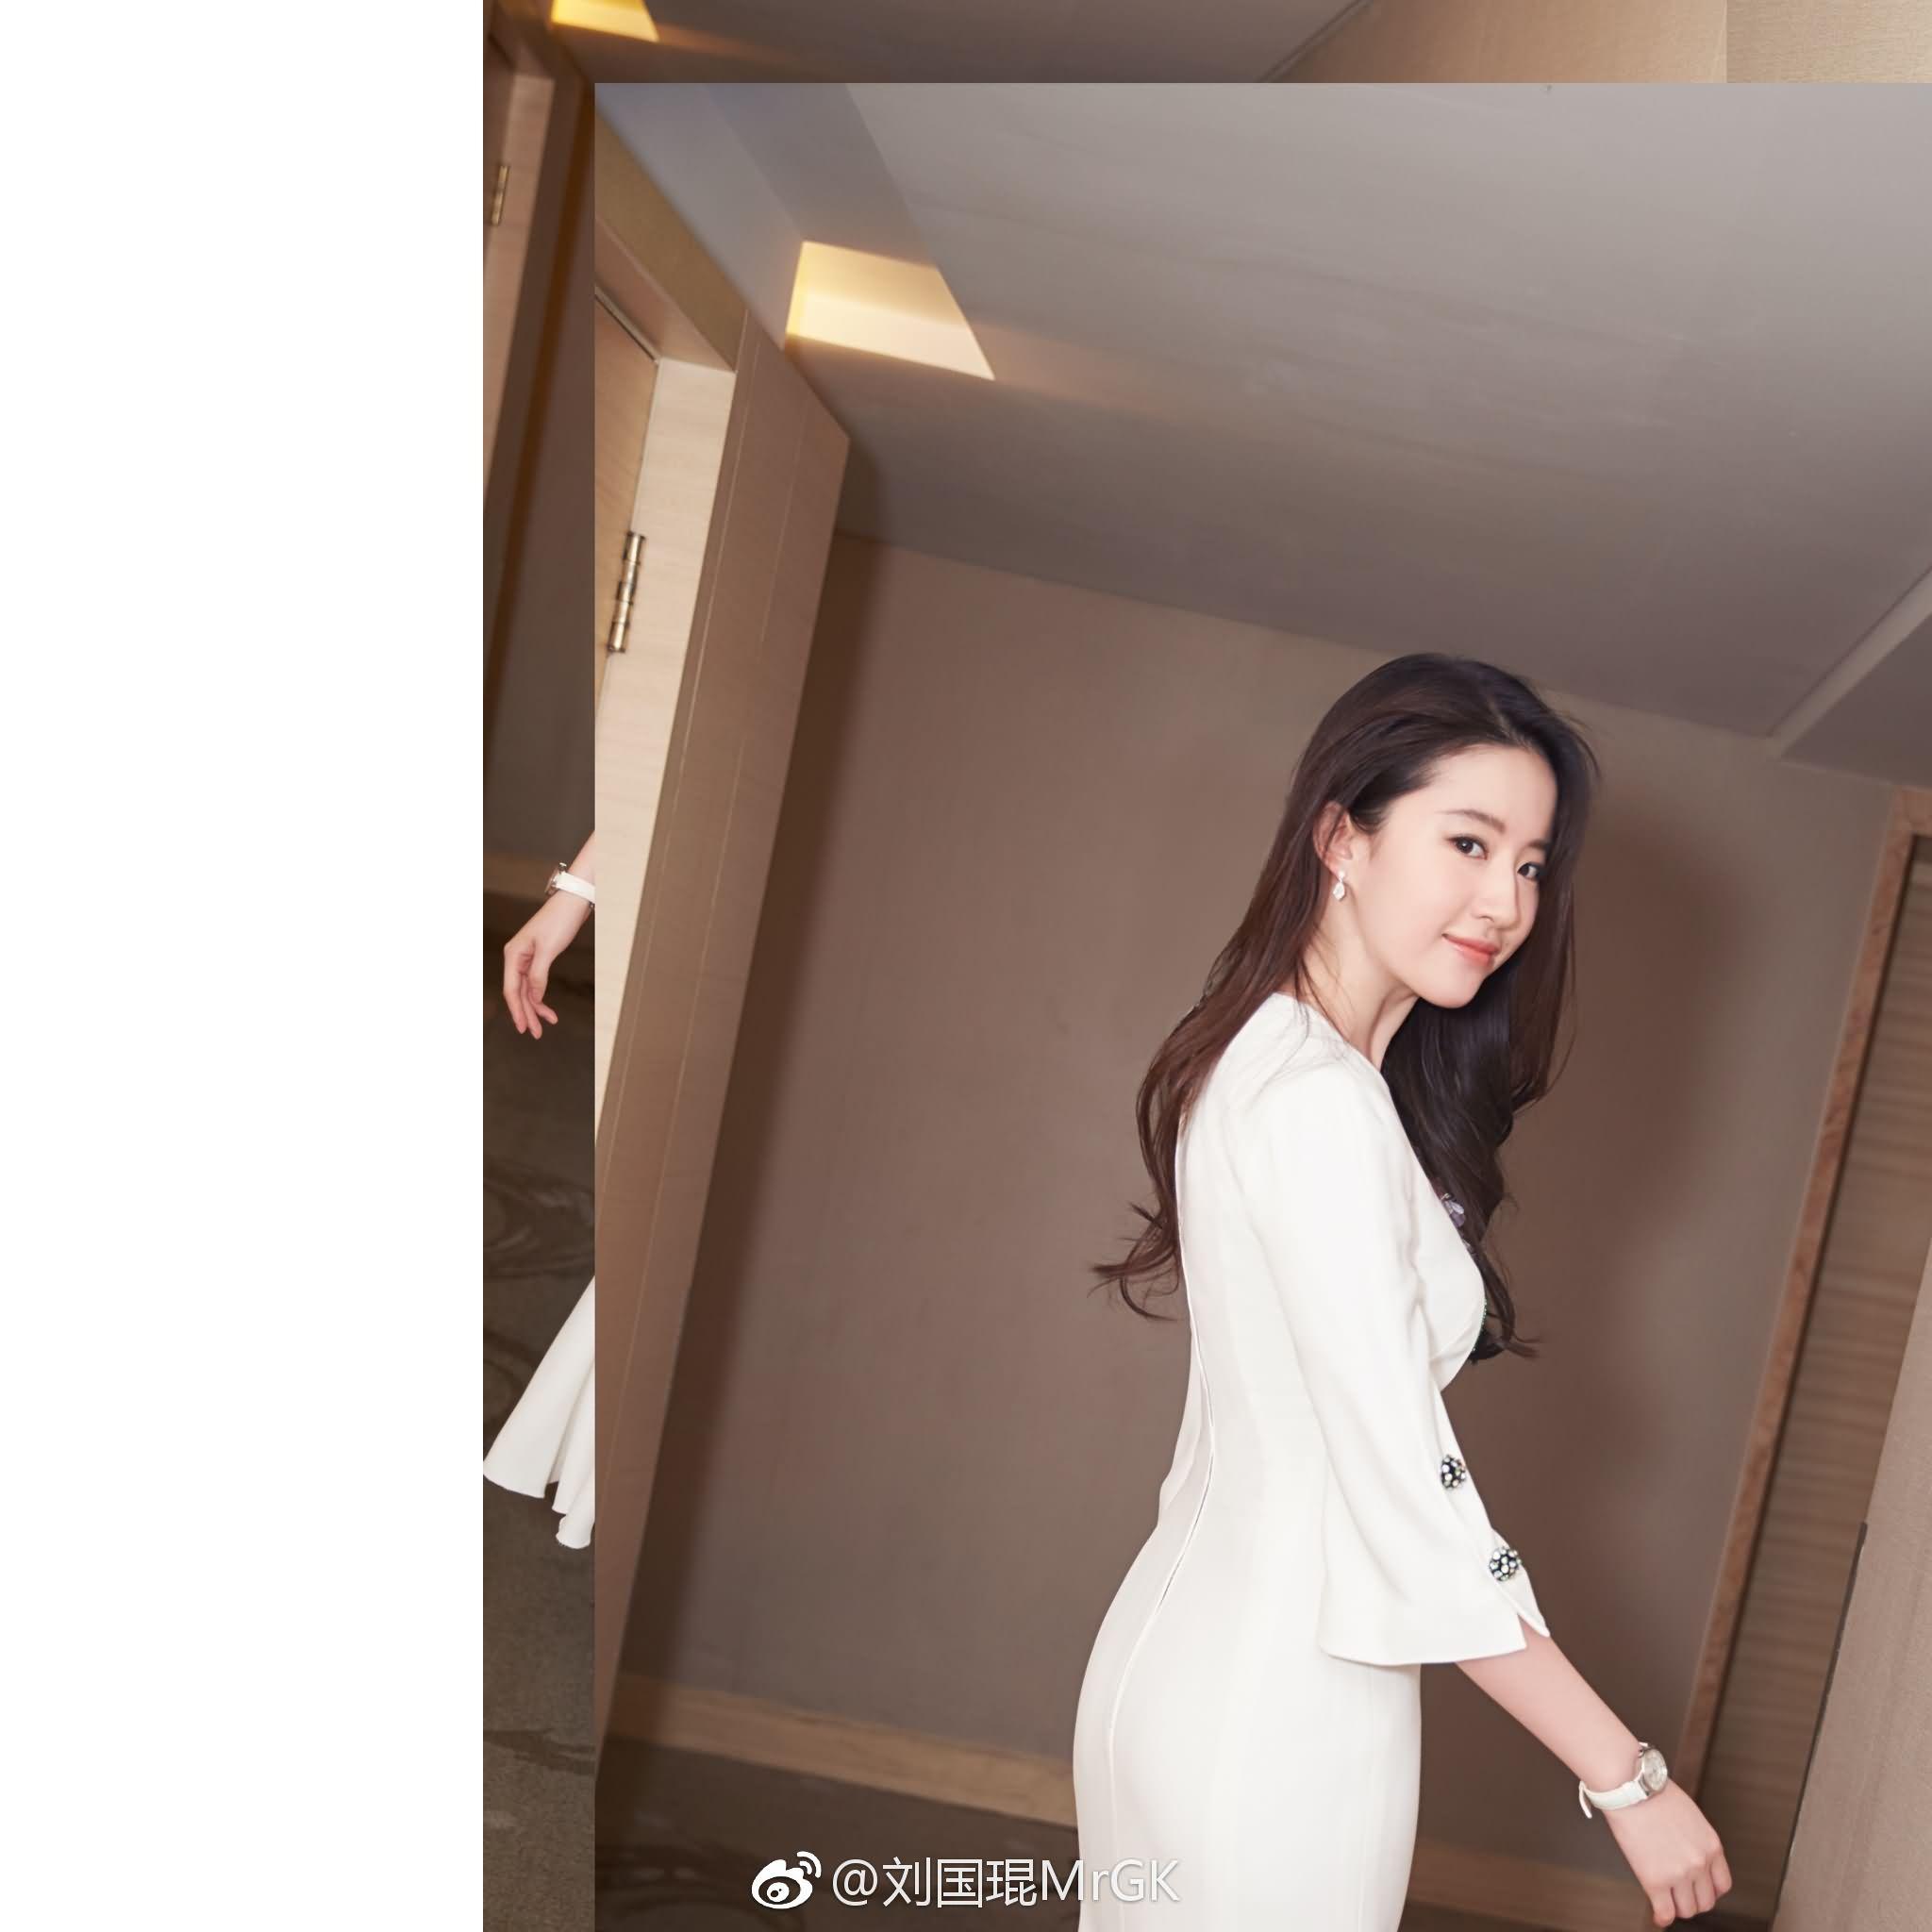 《烽火芳菲》上海国际电影节展映剧组举办发布会